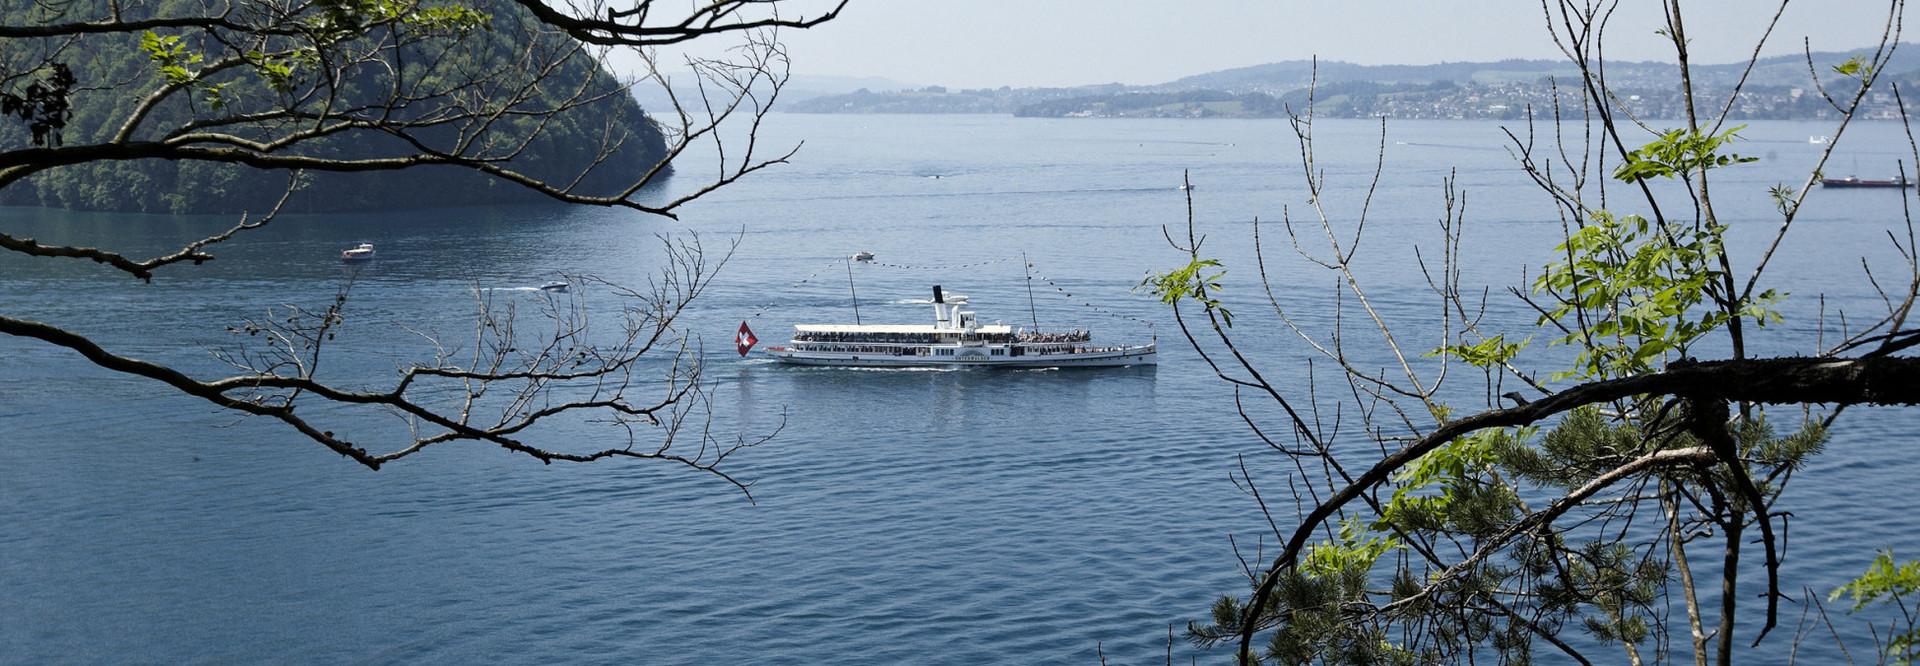 Passe du lac des Quatre-Cantons : le bateau à vapeur Unterwalden navigue sur le lac des Quatre-Cantons en été. Vue surélevée du bateau à vapeur, les branches d'un arbre sont visibles à droite et à gauche de l'image.